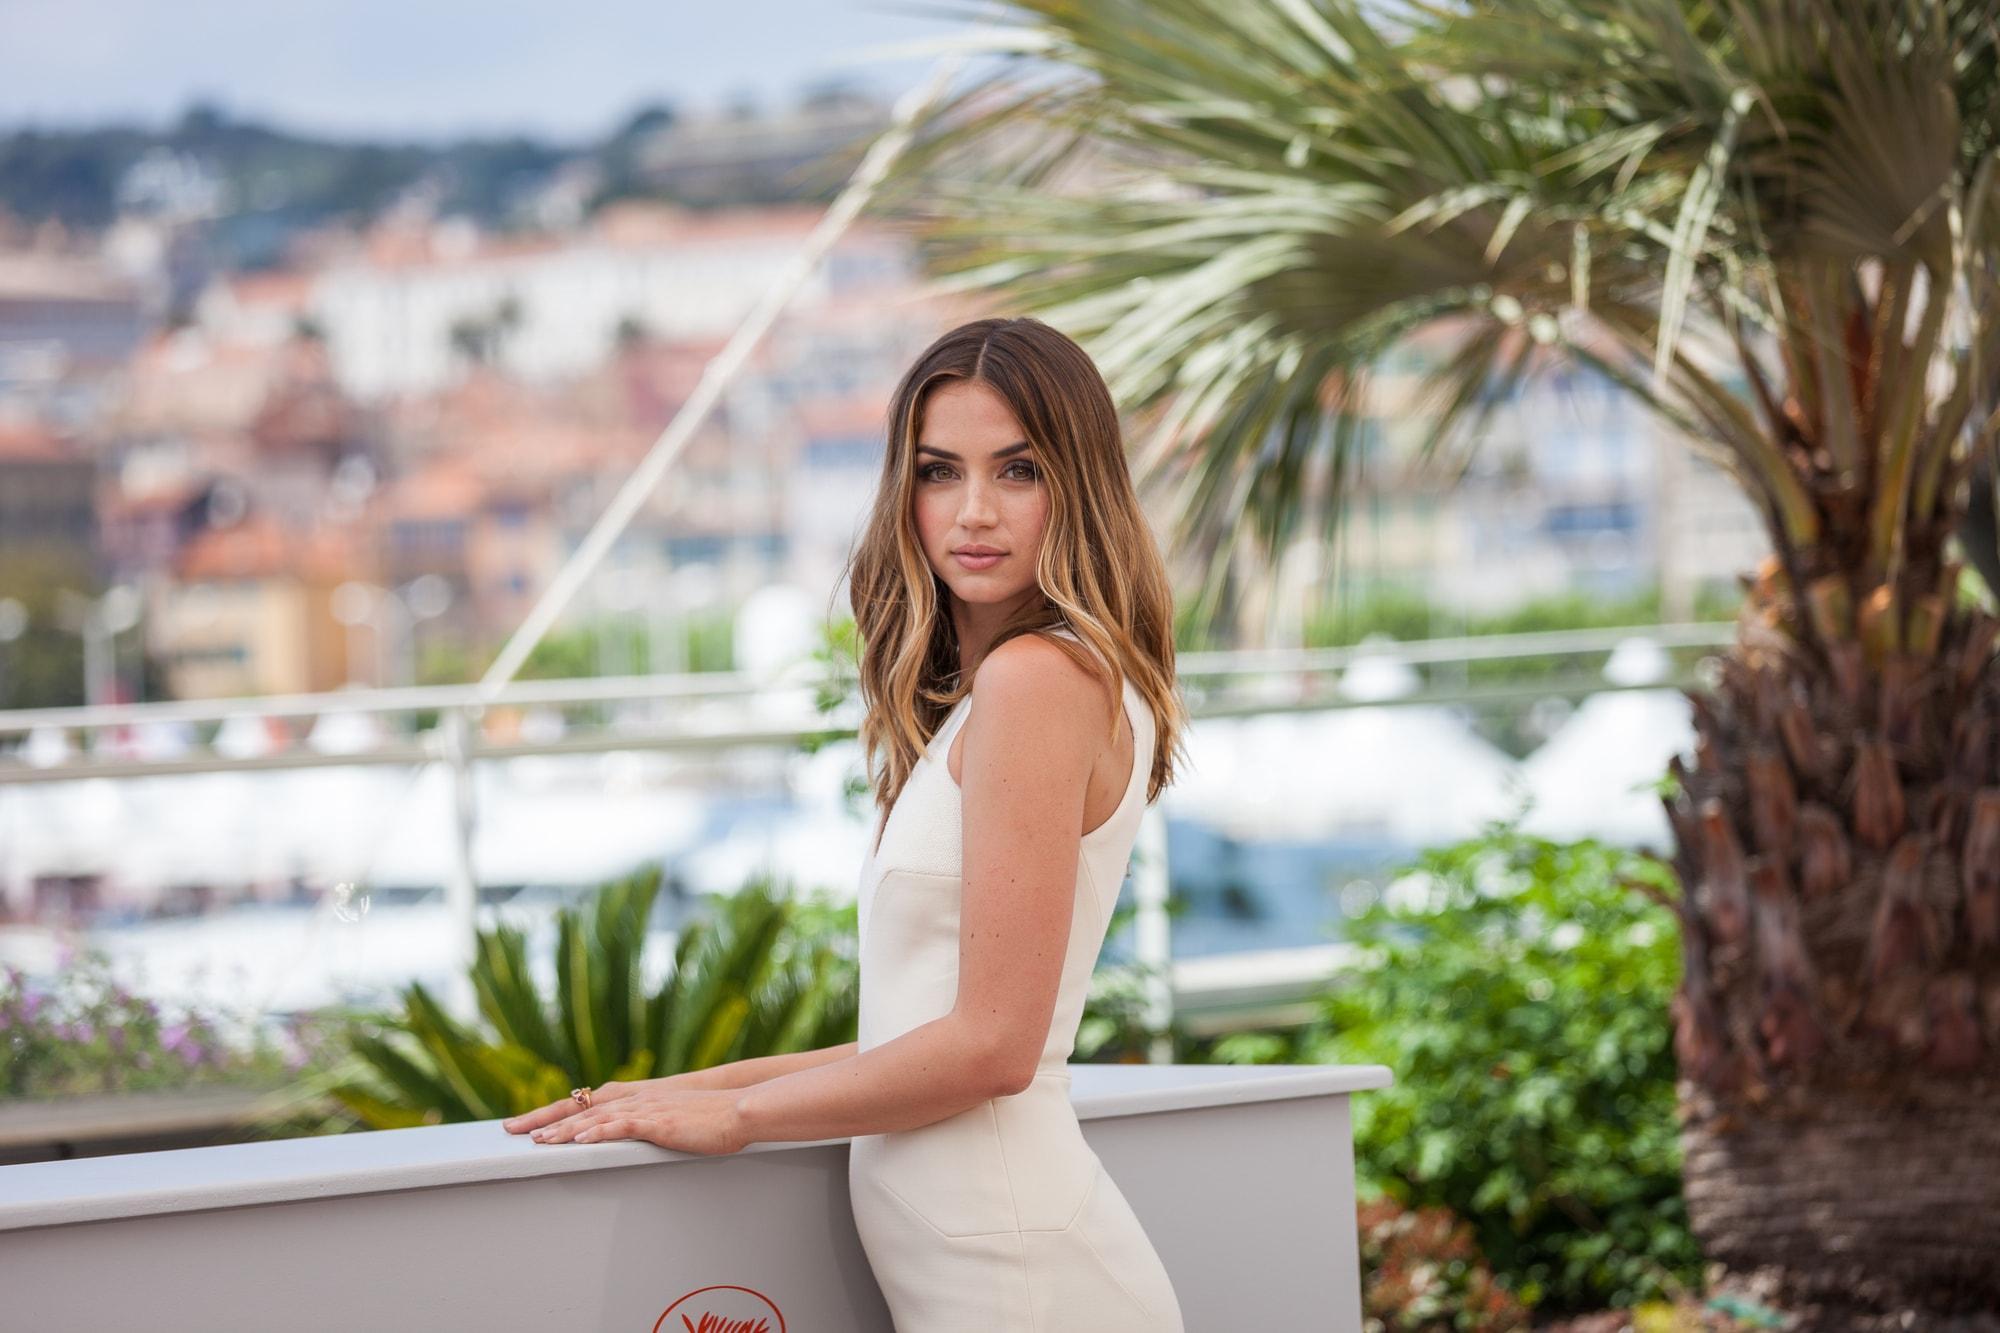 Актриса Ана де Армас могла отказаться от съемок в фильме «Достать ножи»